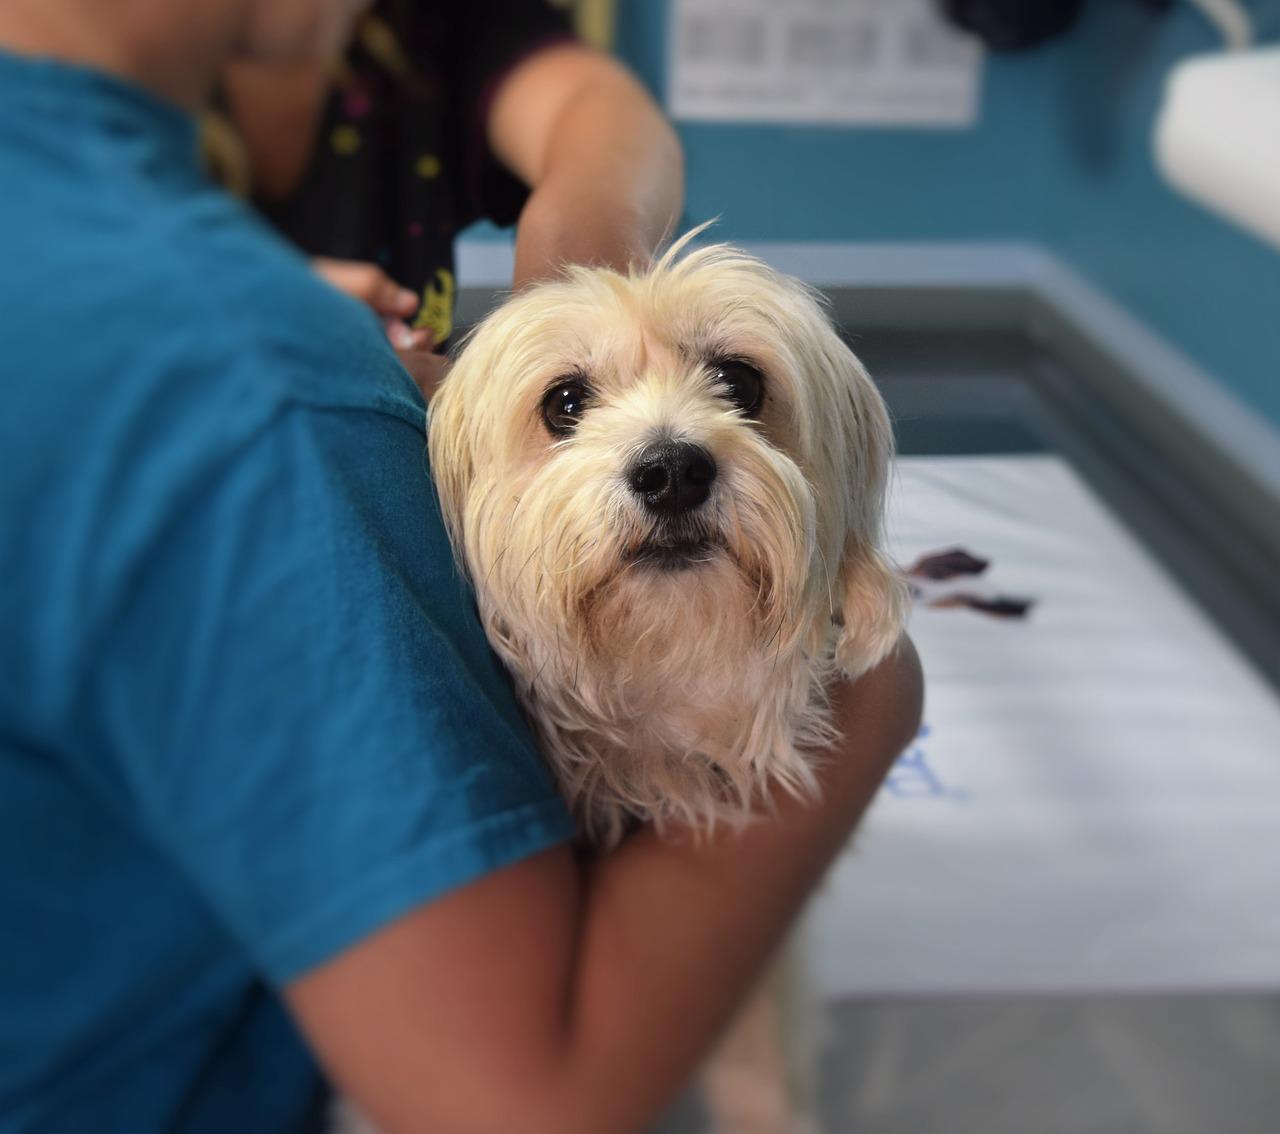 動物病院で治療中の犬